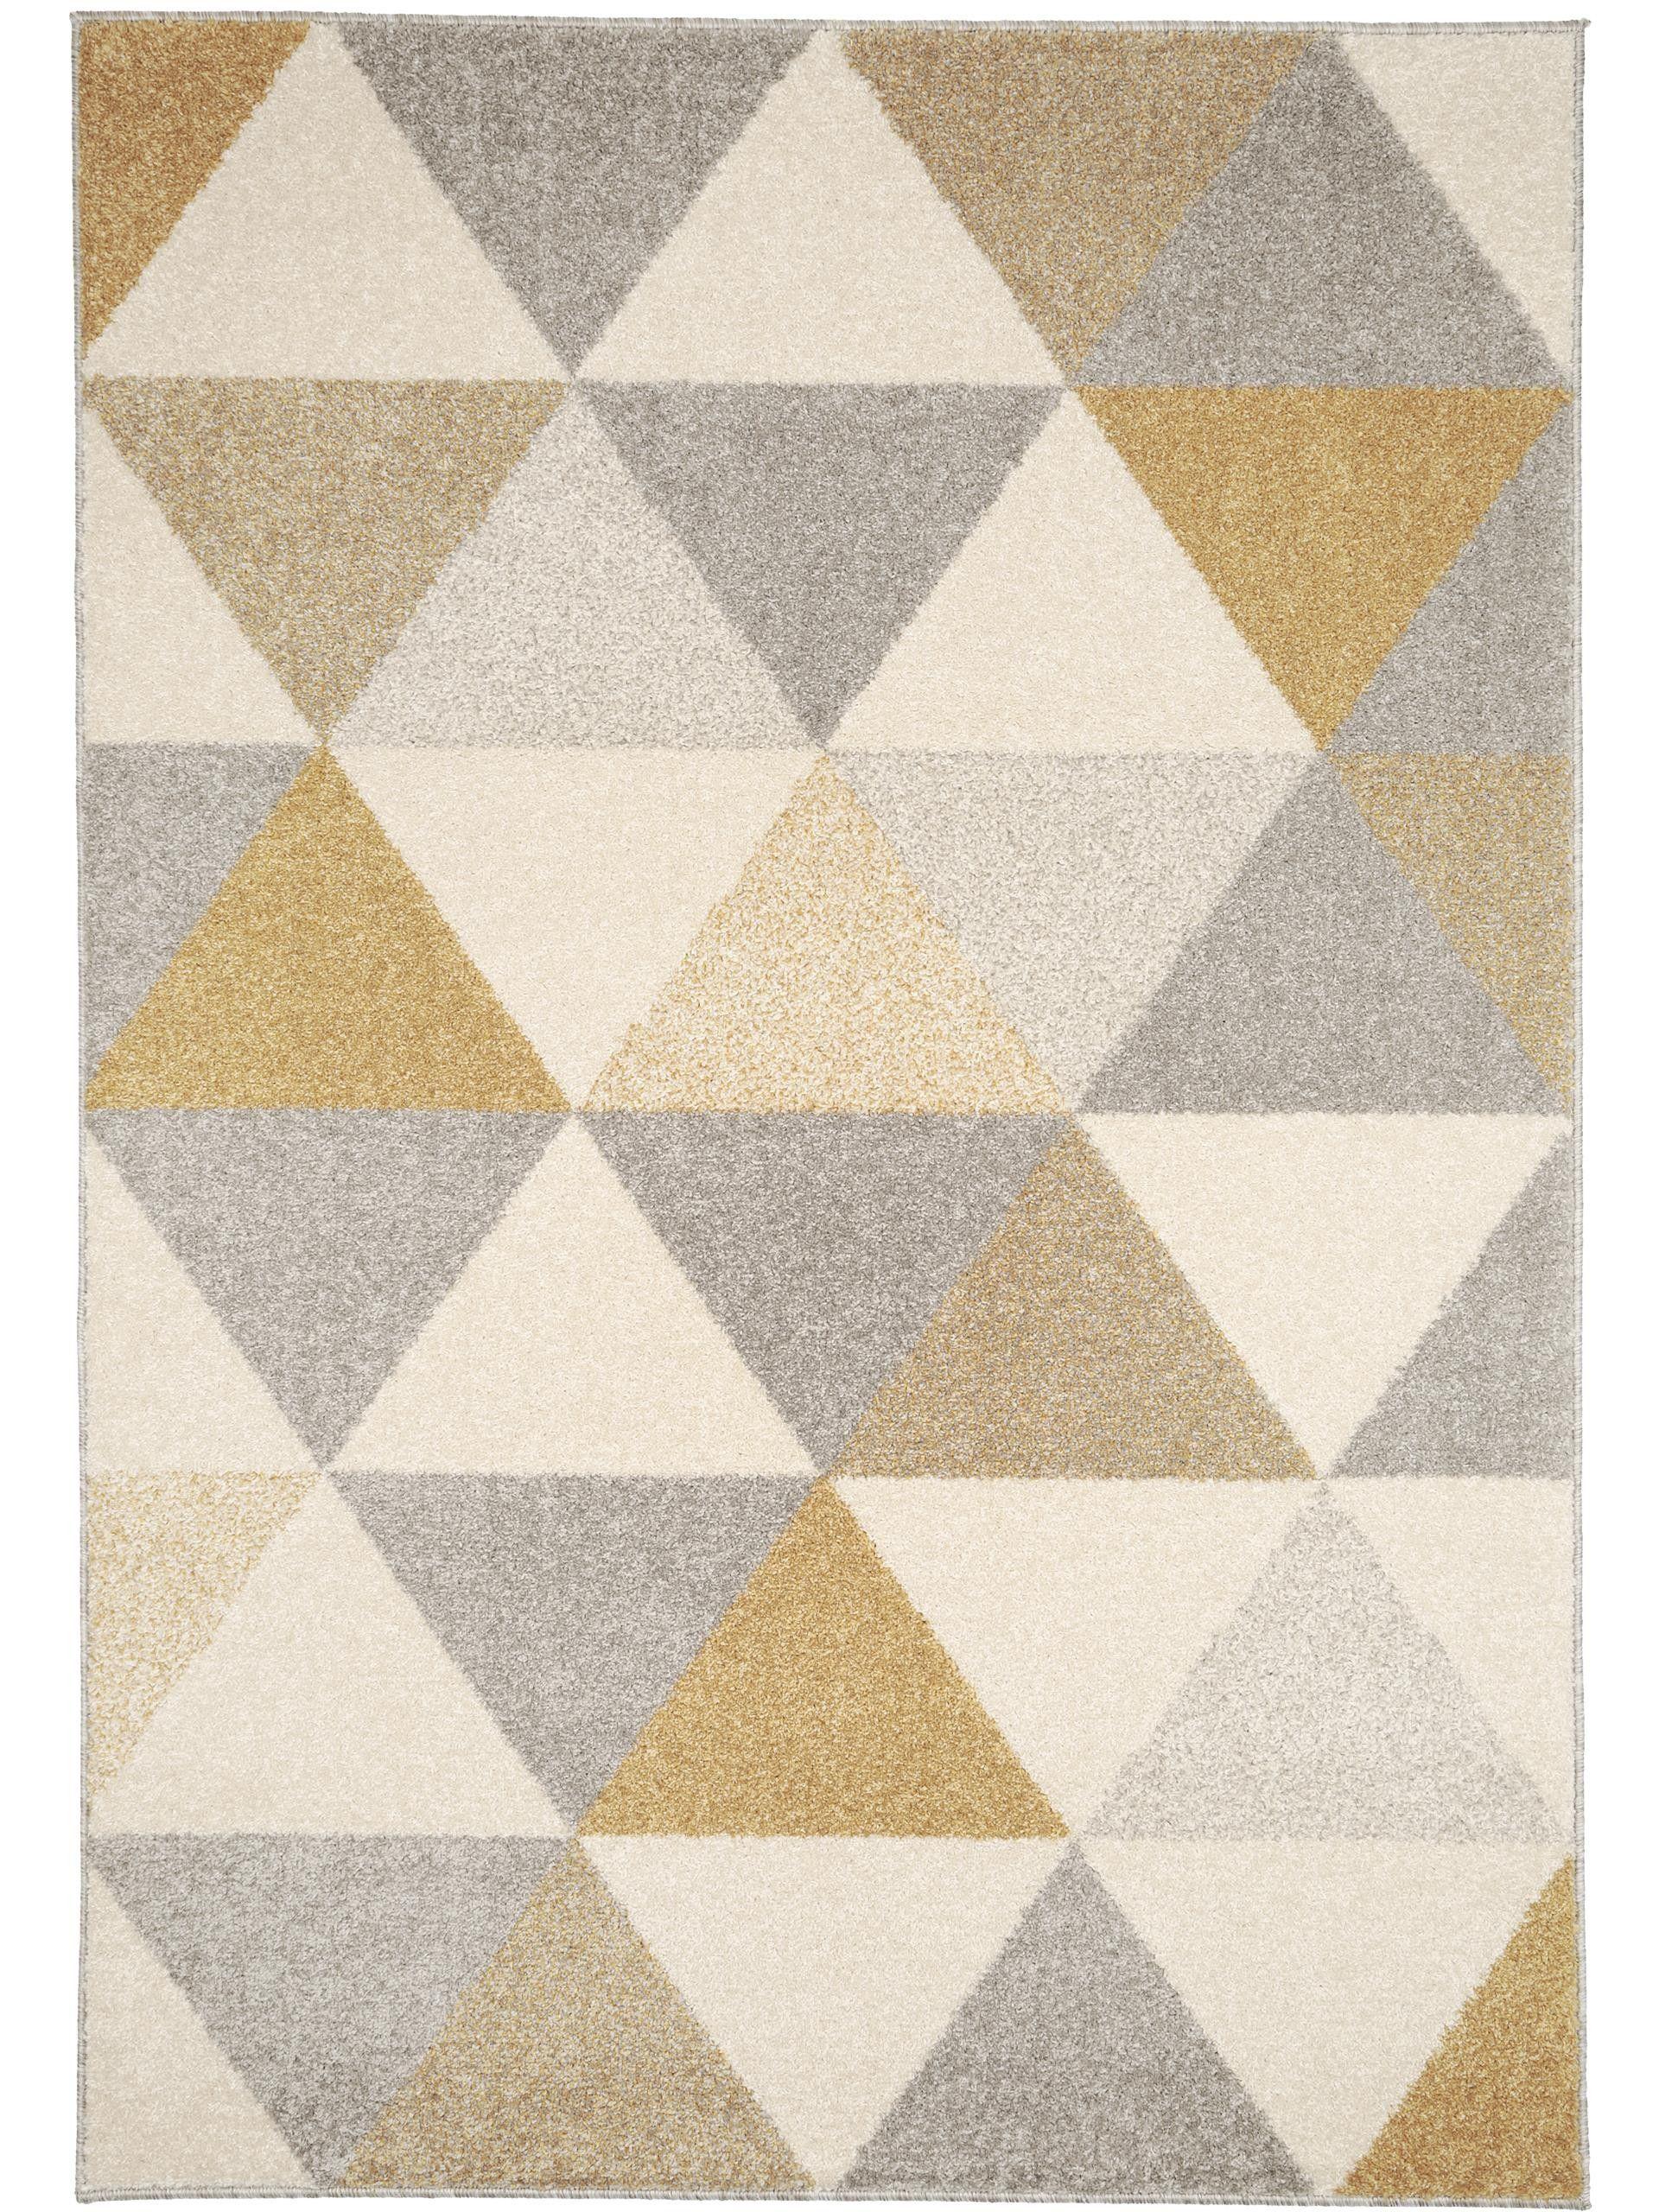 Benuta Teppich Pastel Geomet Günstig Online Bestellen Teppich Pastell Benuta Teppich Teppich Design